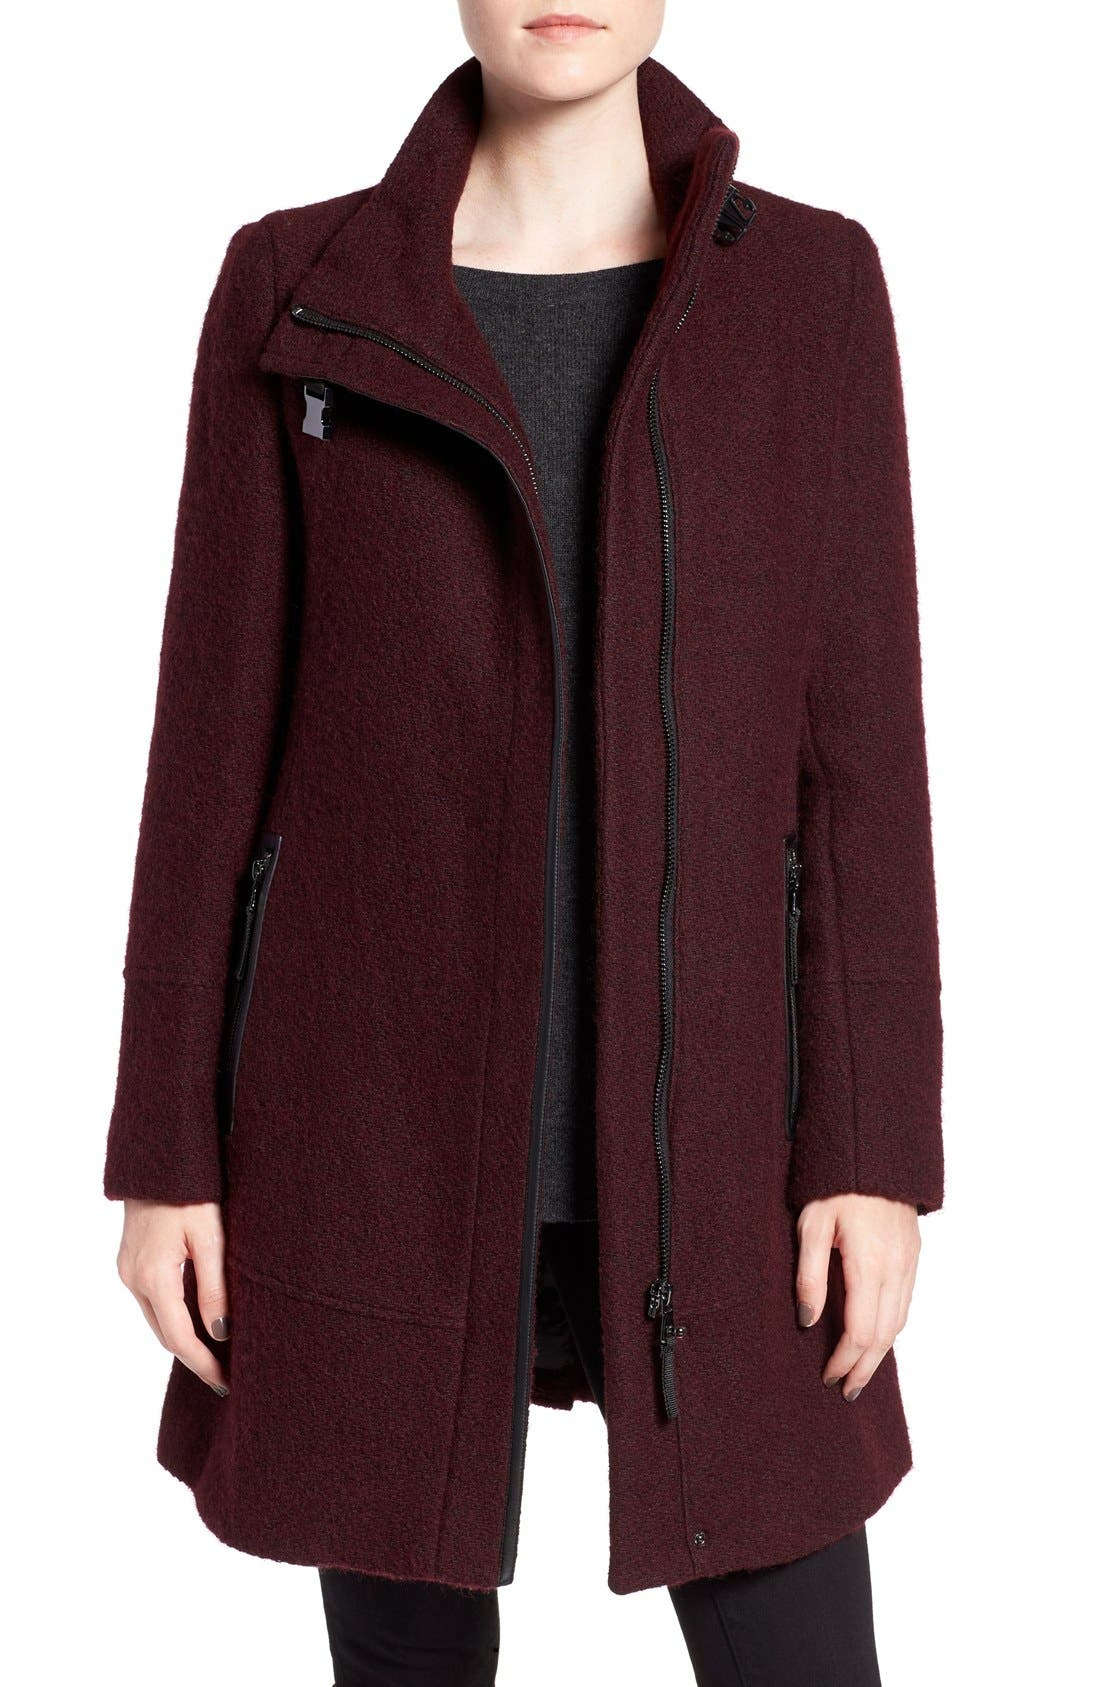 Main Image - Calvin Klein Wool Blend Bouclé Walking Jacket (Regular & Petite)